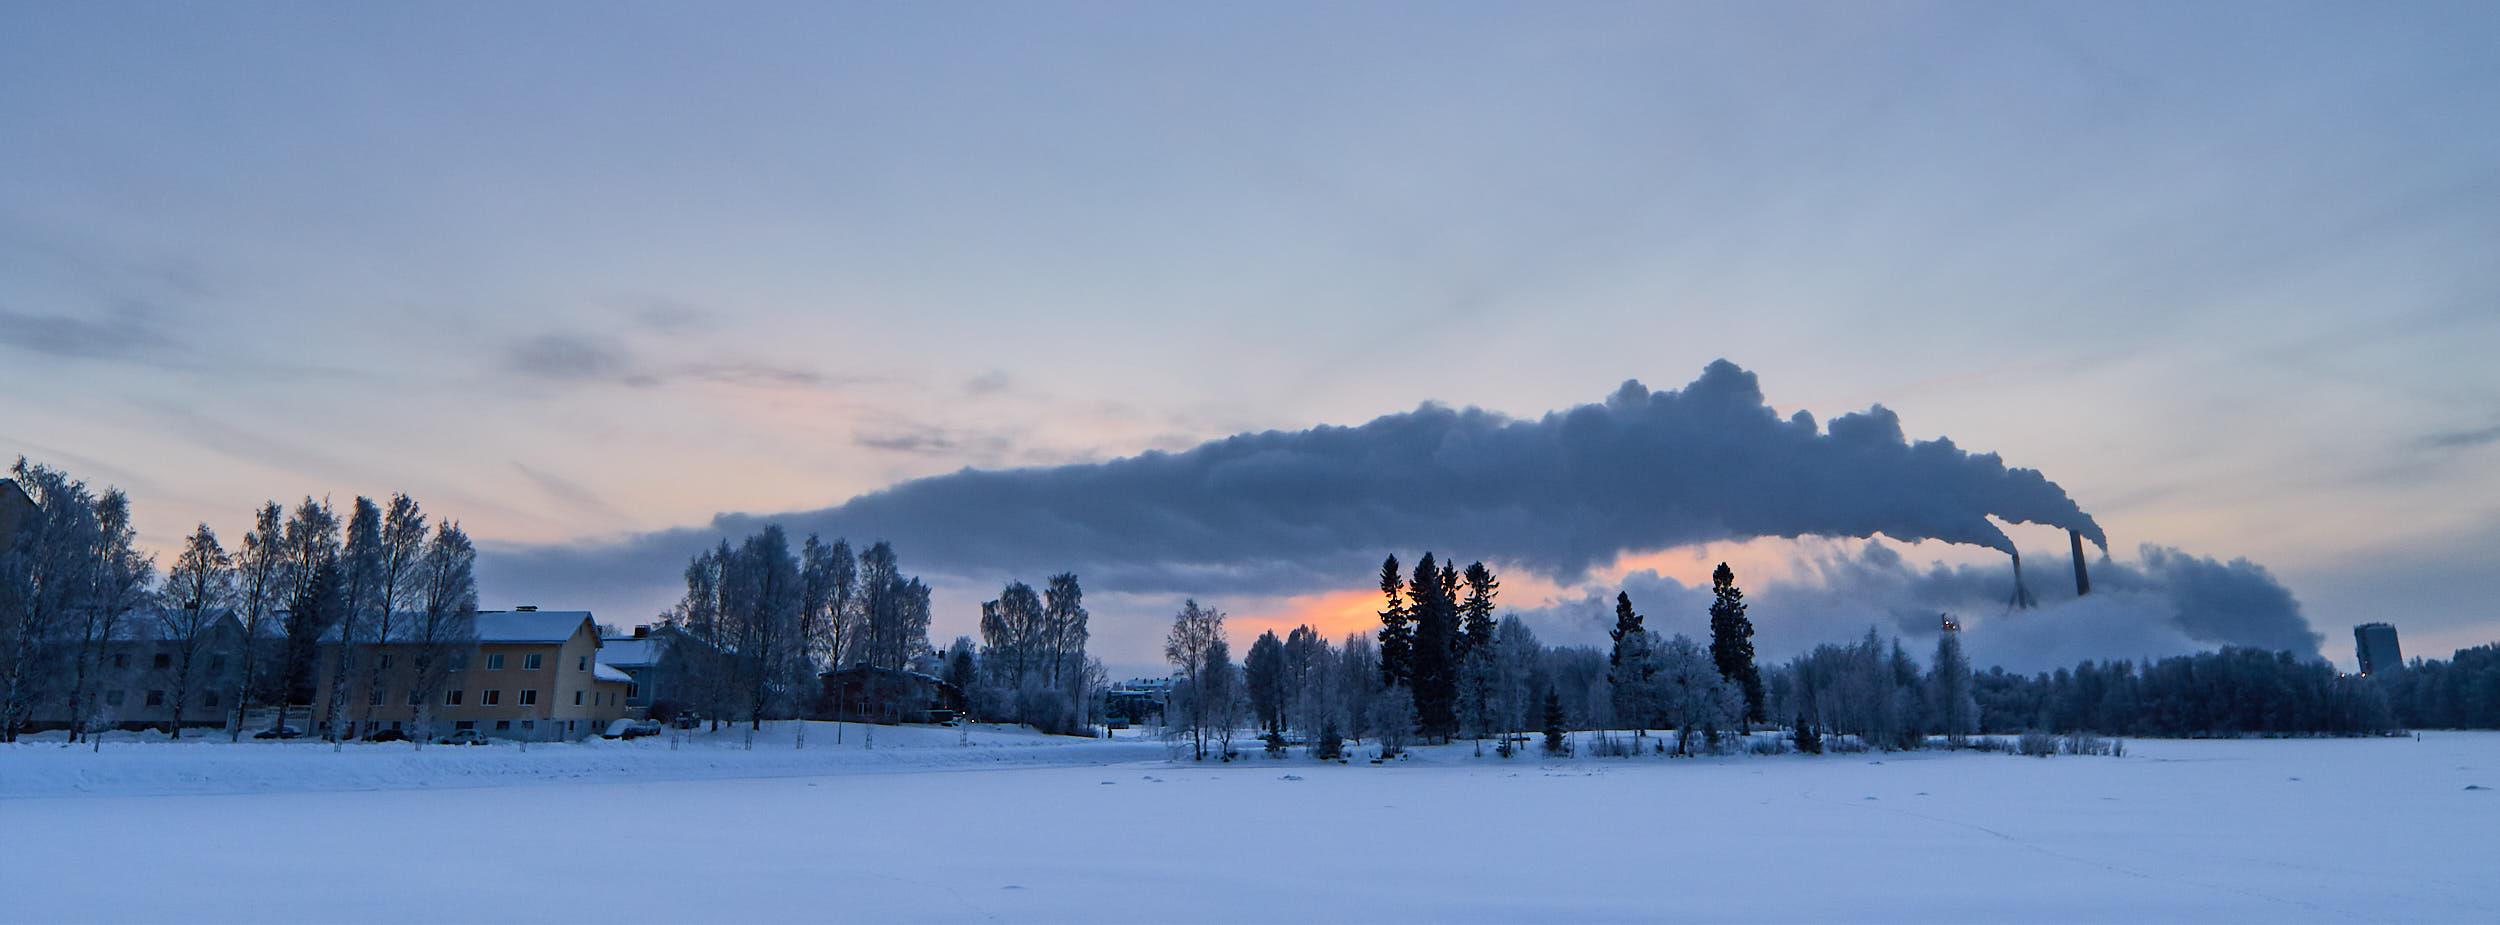 15 mm - 2019-01-17 15.04.51 - Oulu Week 3 Mix 1.jpg